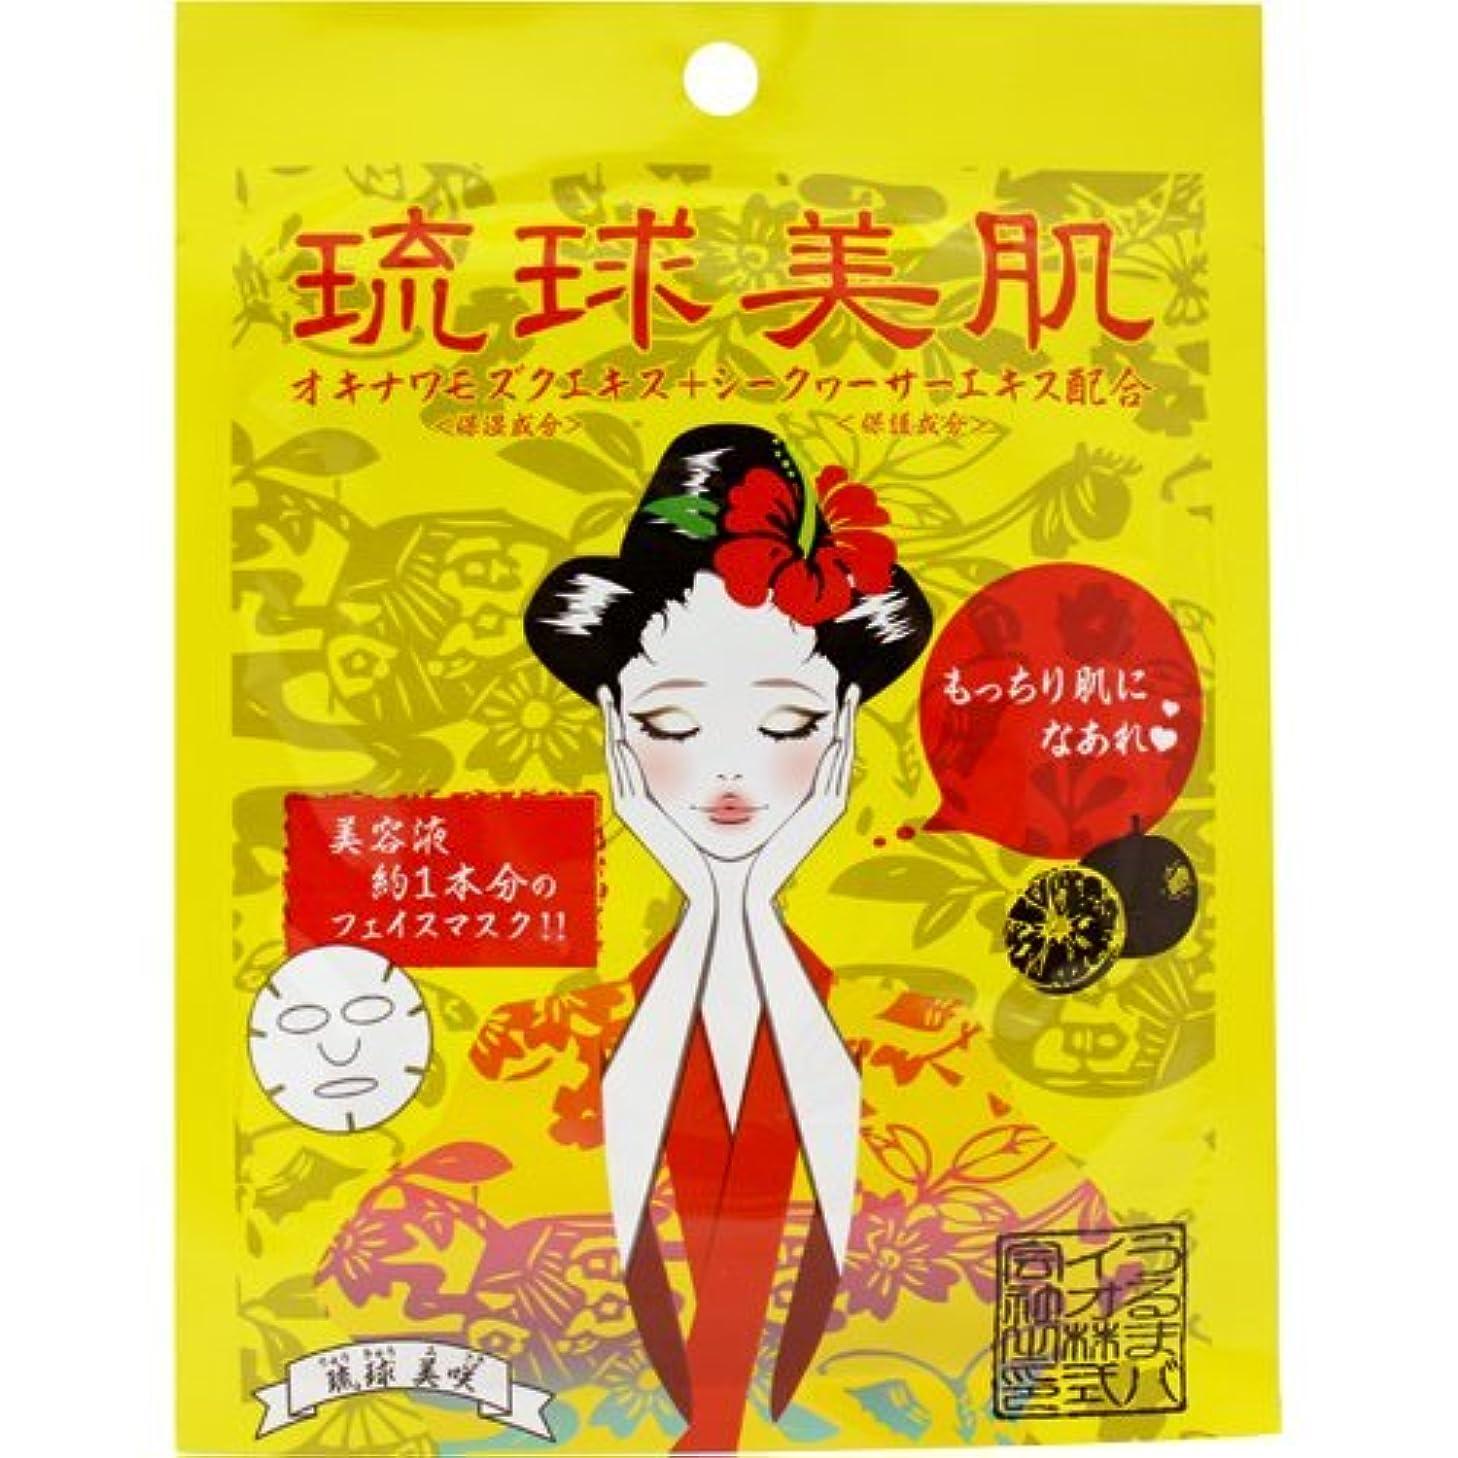 落ち着くトン意志琉球美肌 フェイスマスクシート シークワーサー 10枚×2箱